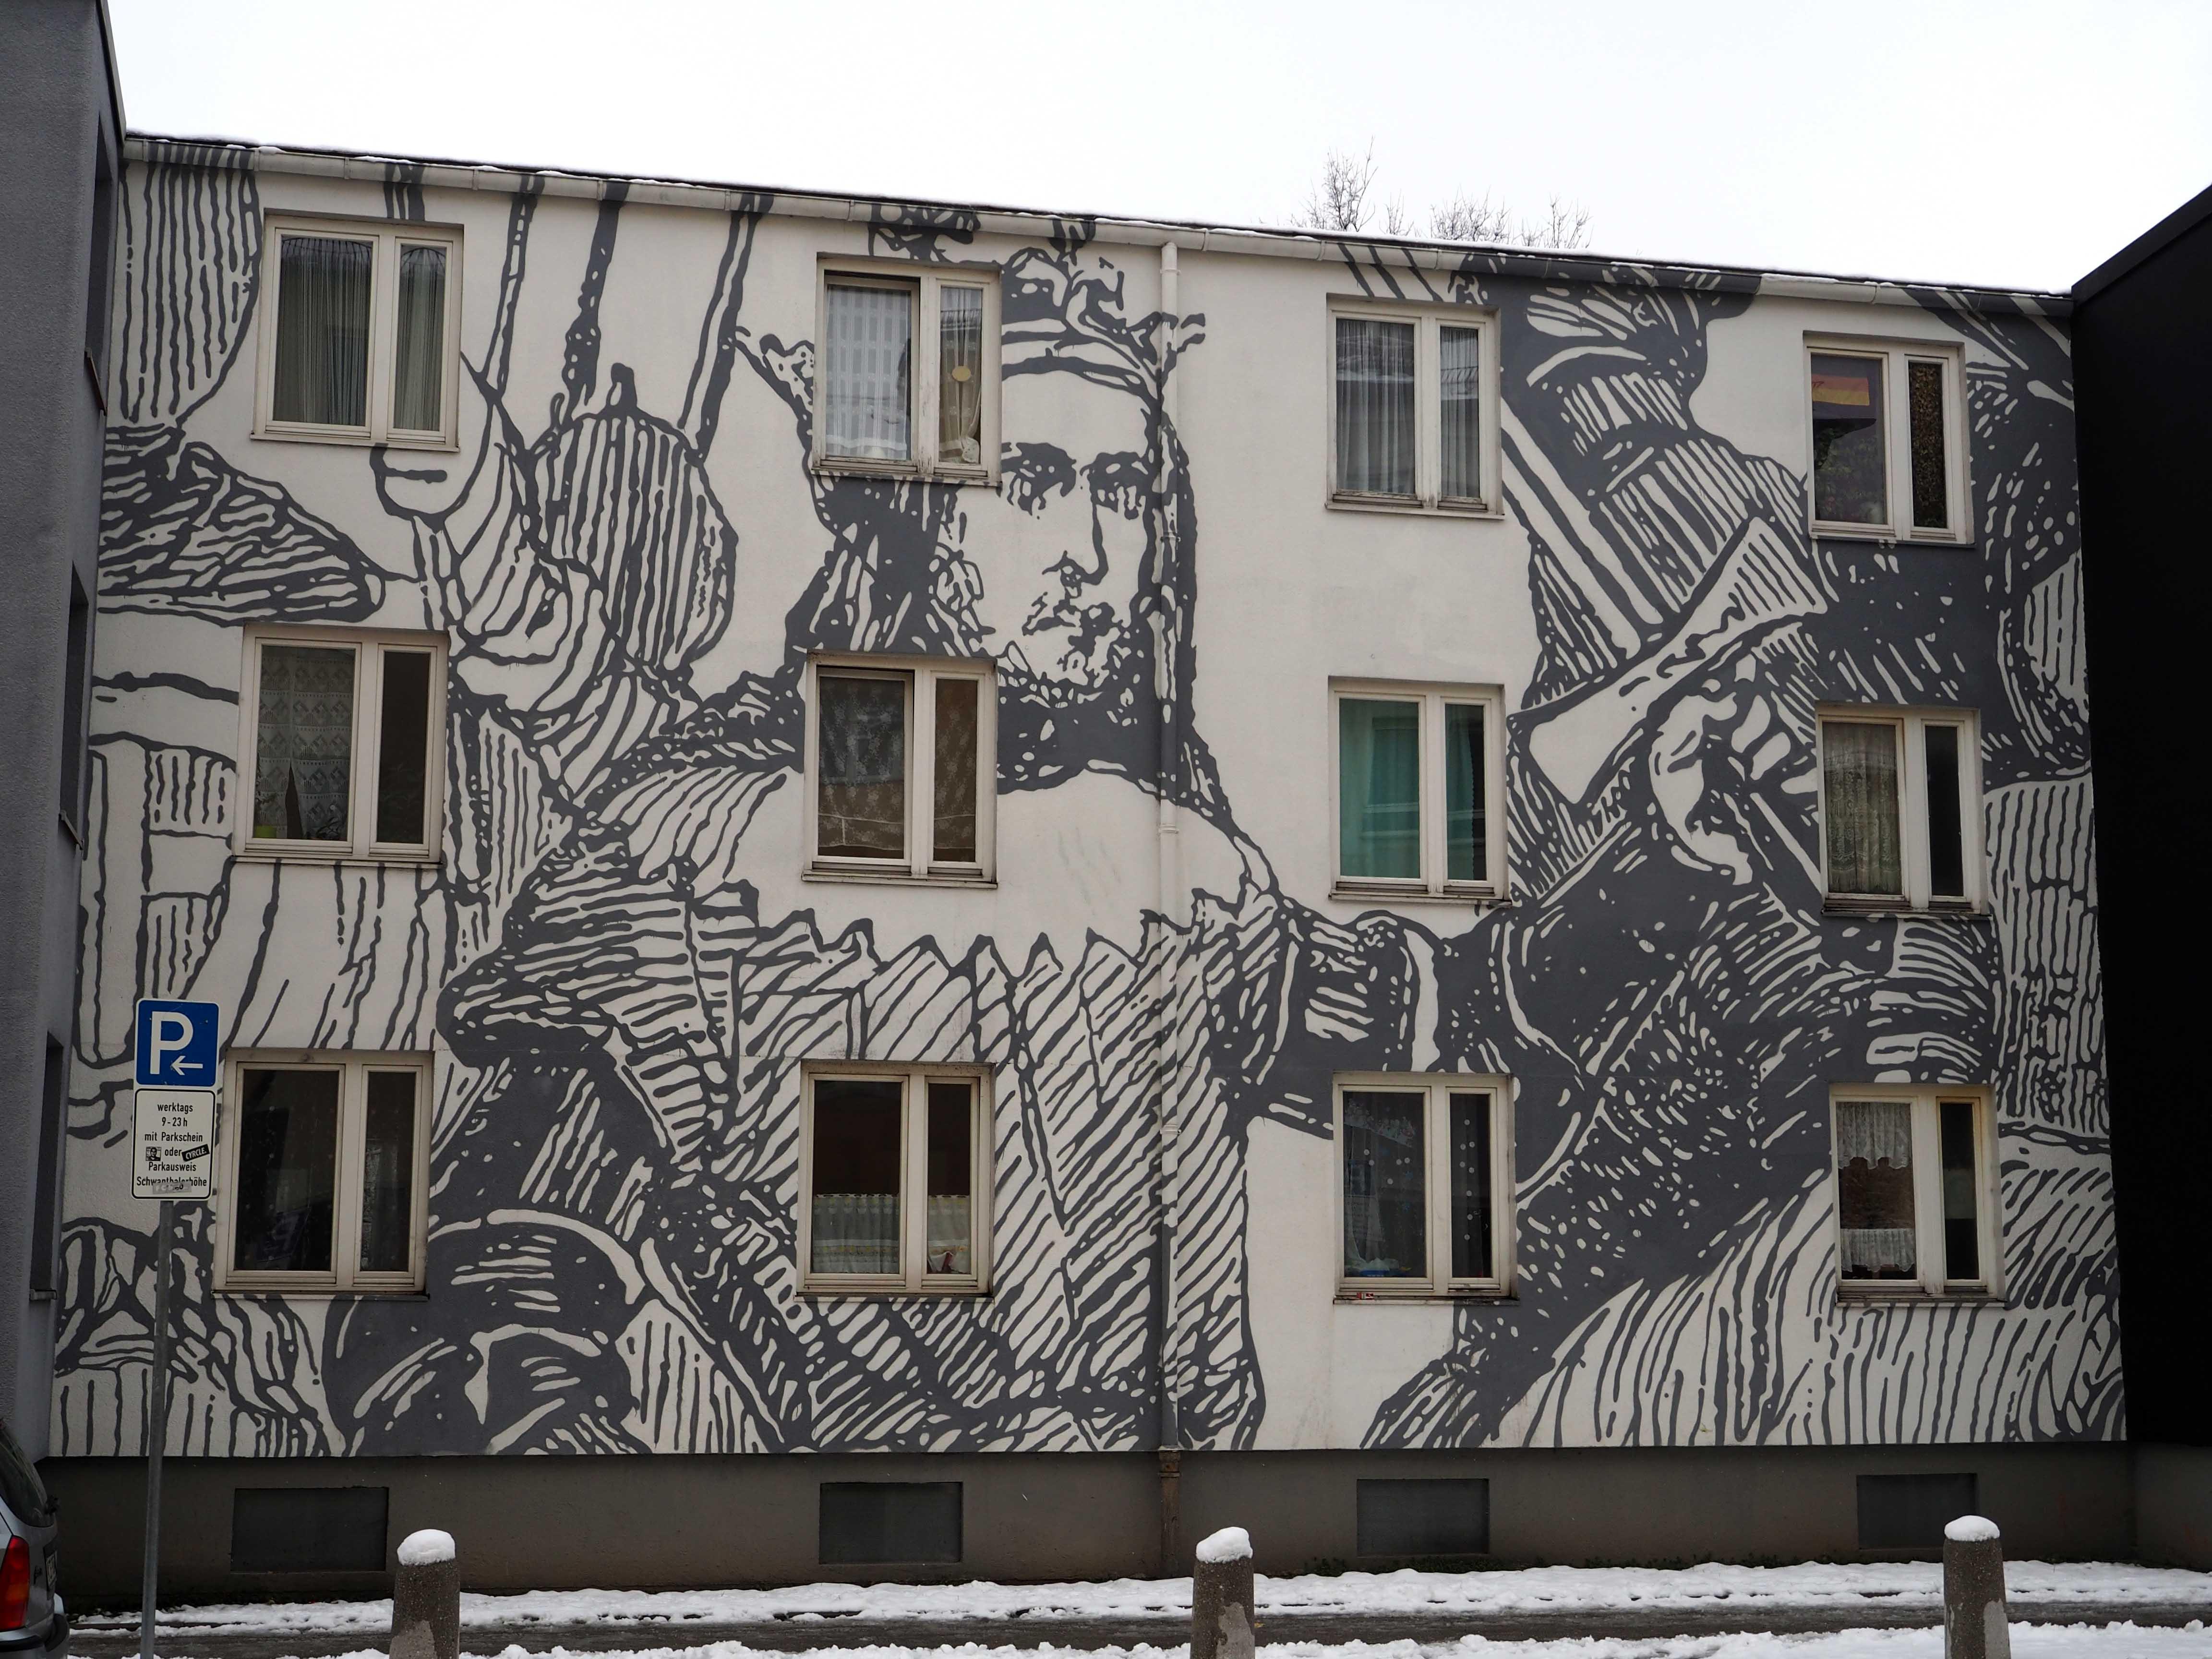 das mural von Cyrcle. zeiht sich über die Fassade eines ganzen Häuserblocks